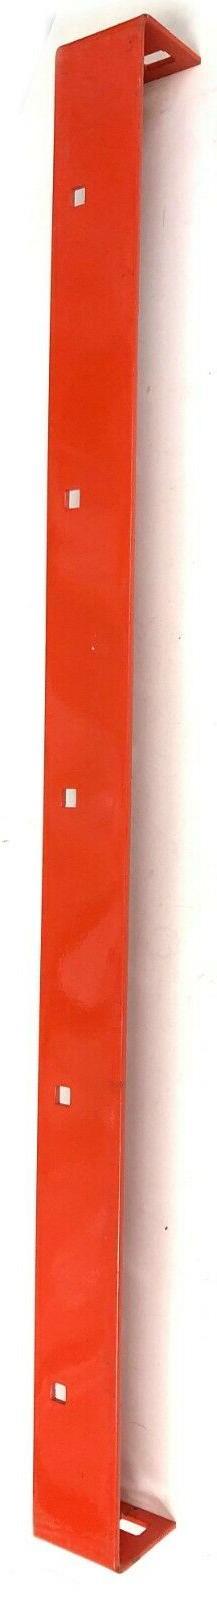 Genuine Ariens 28 inch Scraper Blade 04145959